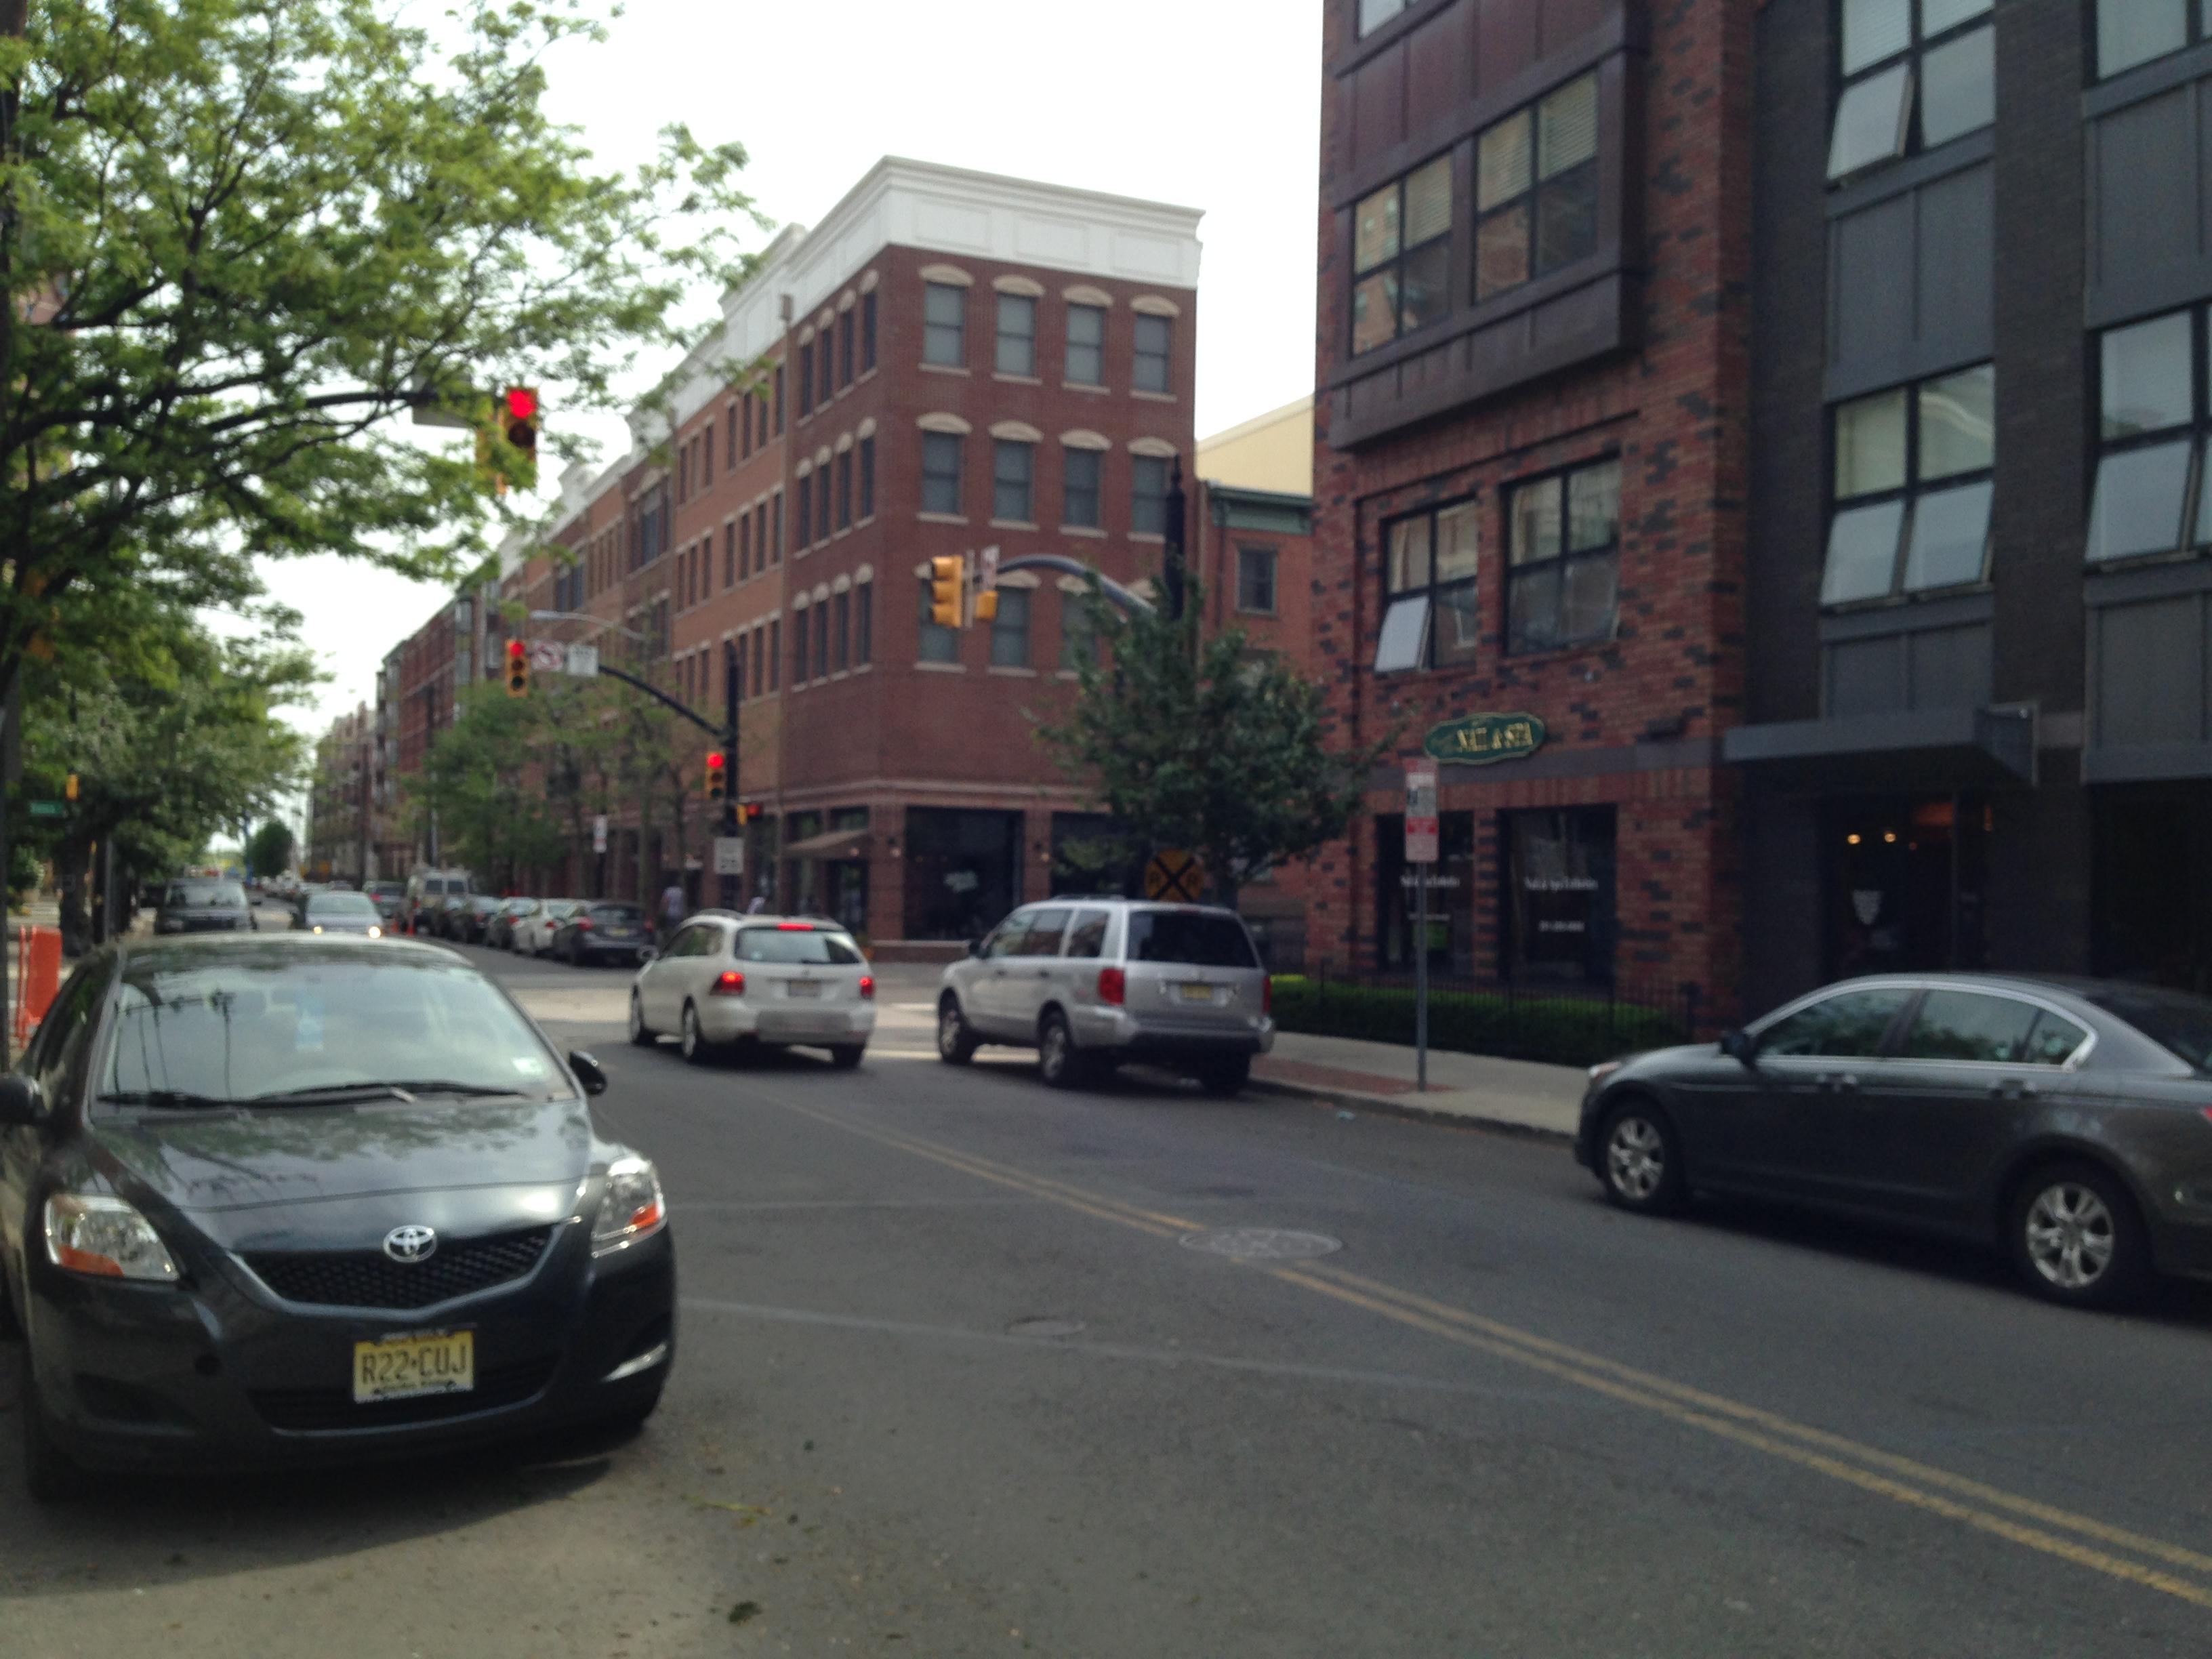 Warren Street in Jersey City